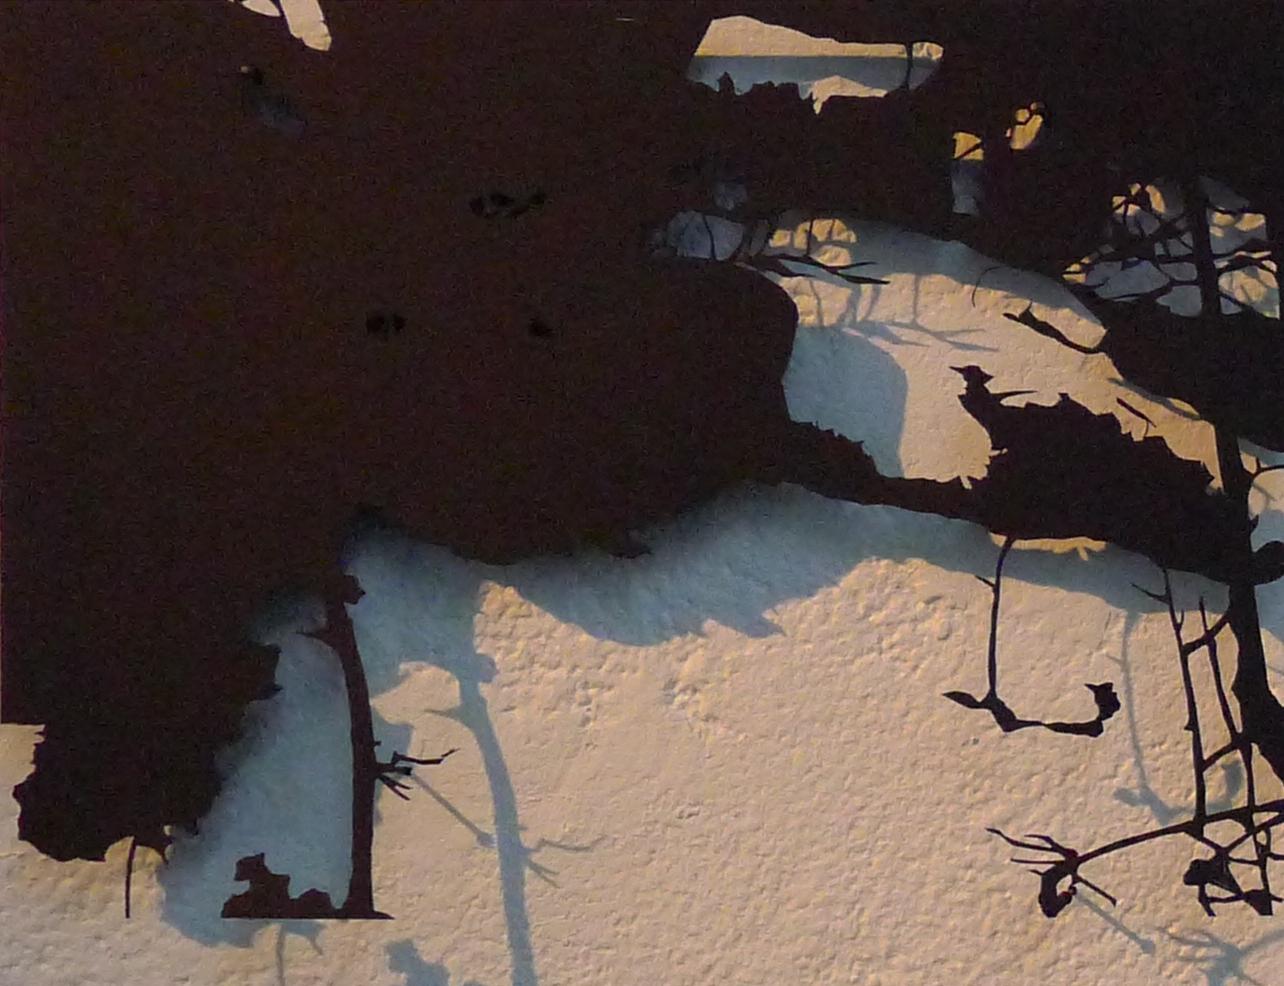 I Skogen om Natten I, Migrant, Detroit Stockholm, shadow puppet in paper, 2014